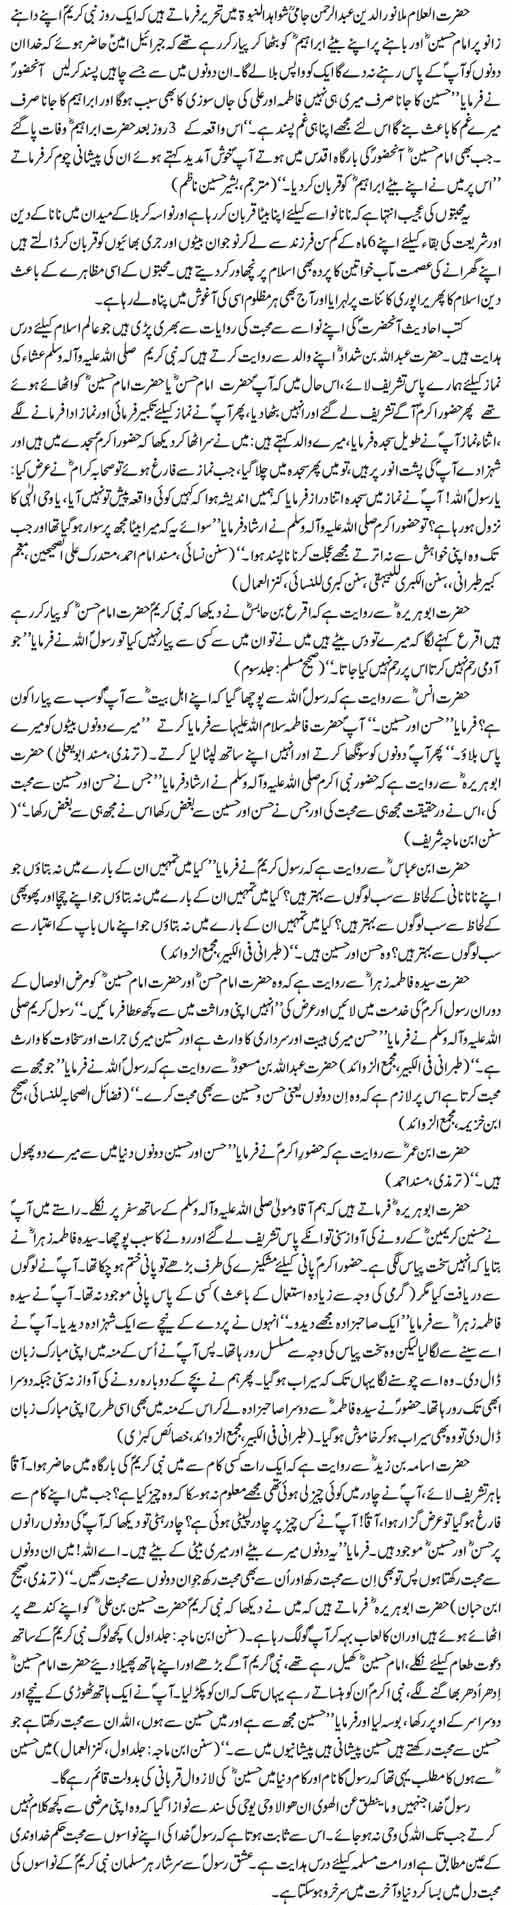 Imam Husayn Husayn Rasool E Khuda Ki Muhabat Ka Mehwar